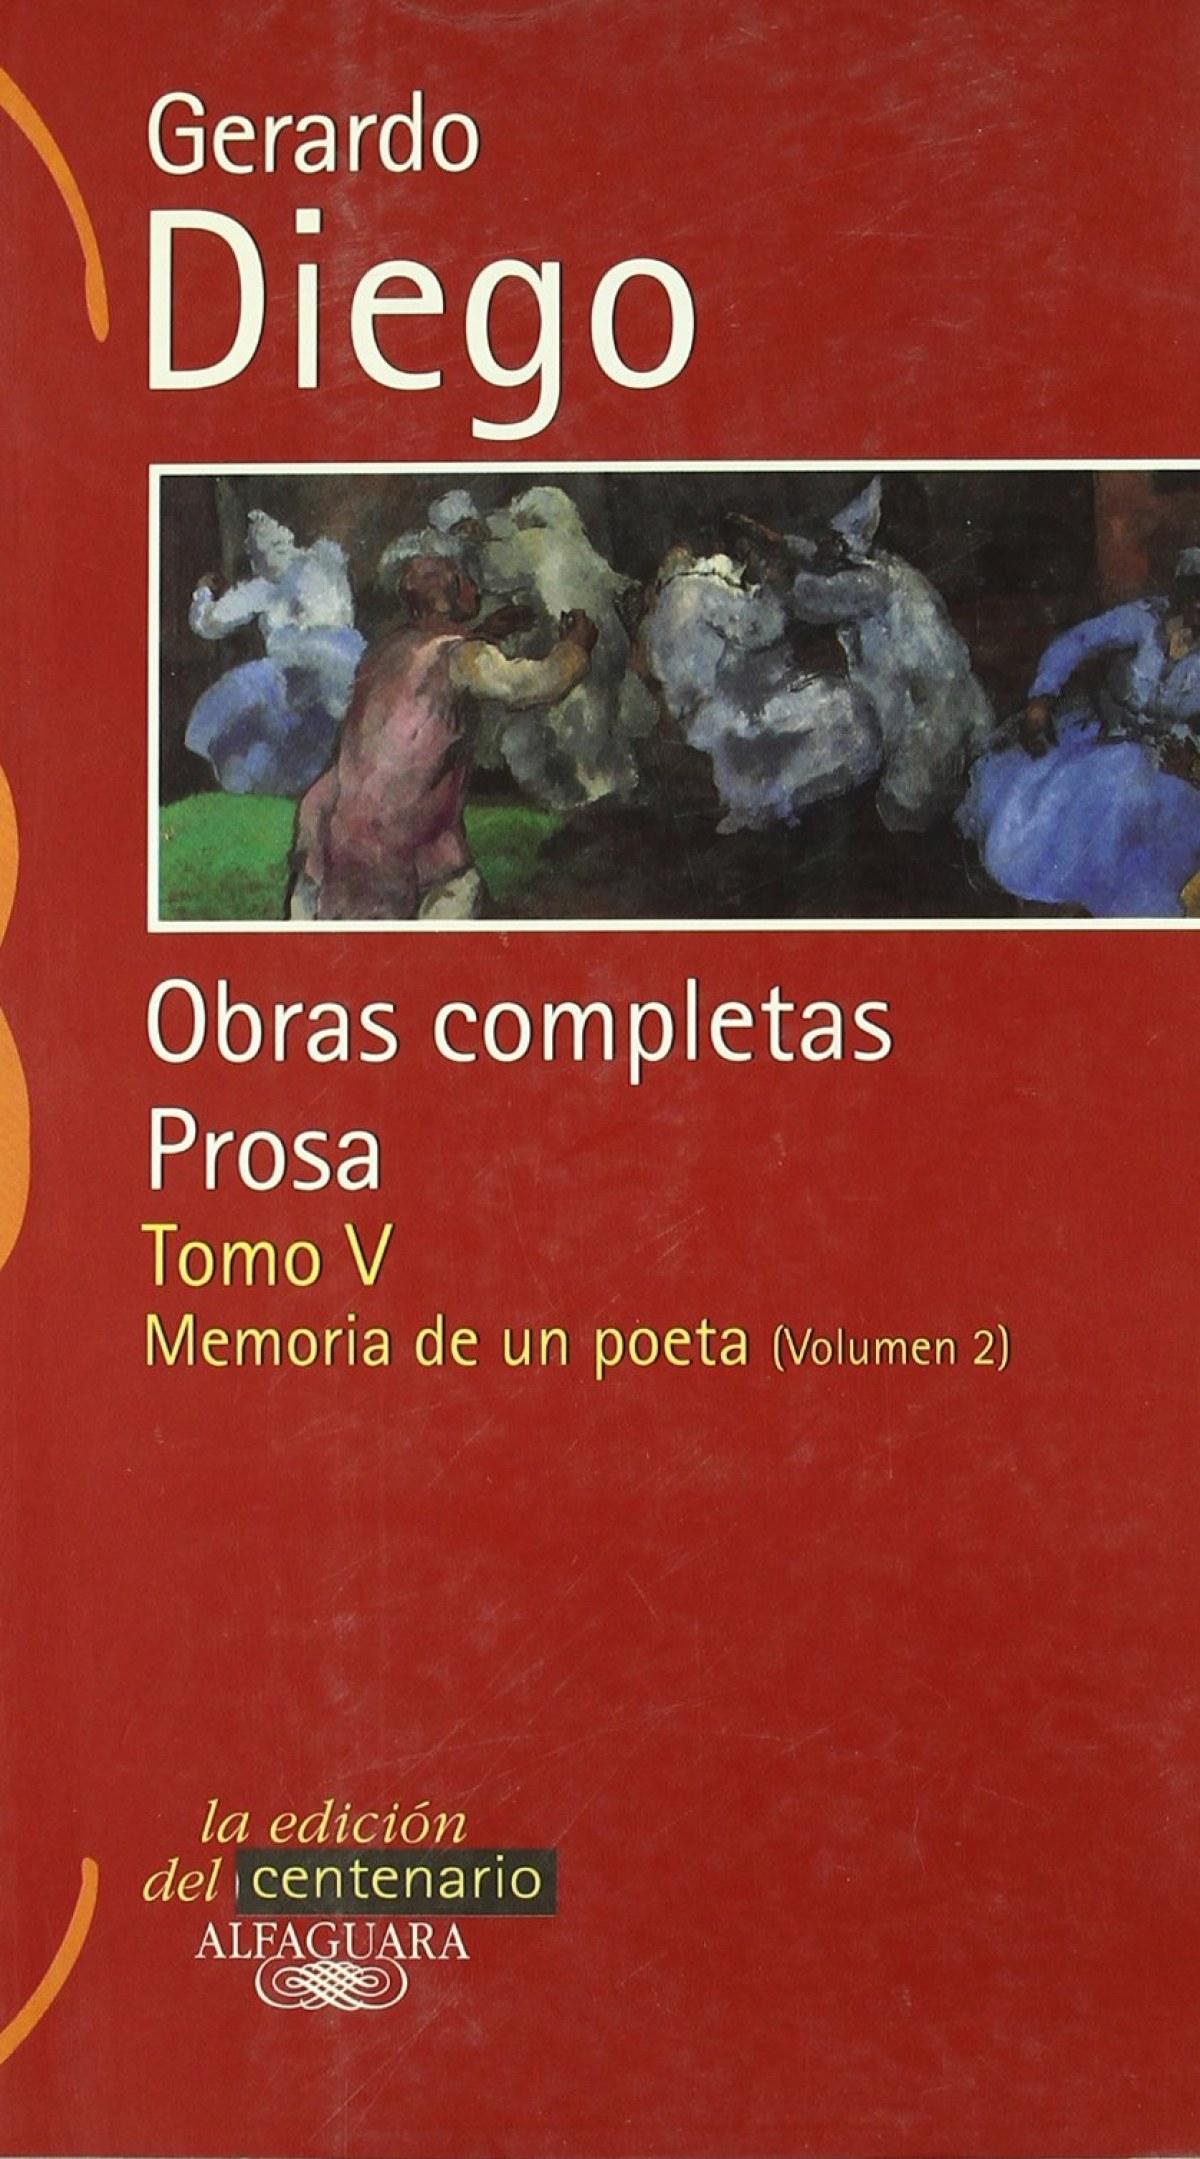 Obras completas prosa Gerardo Diego